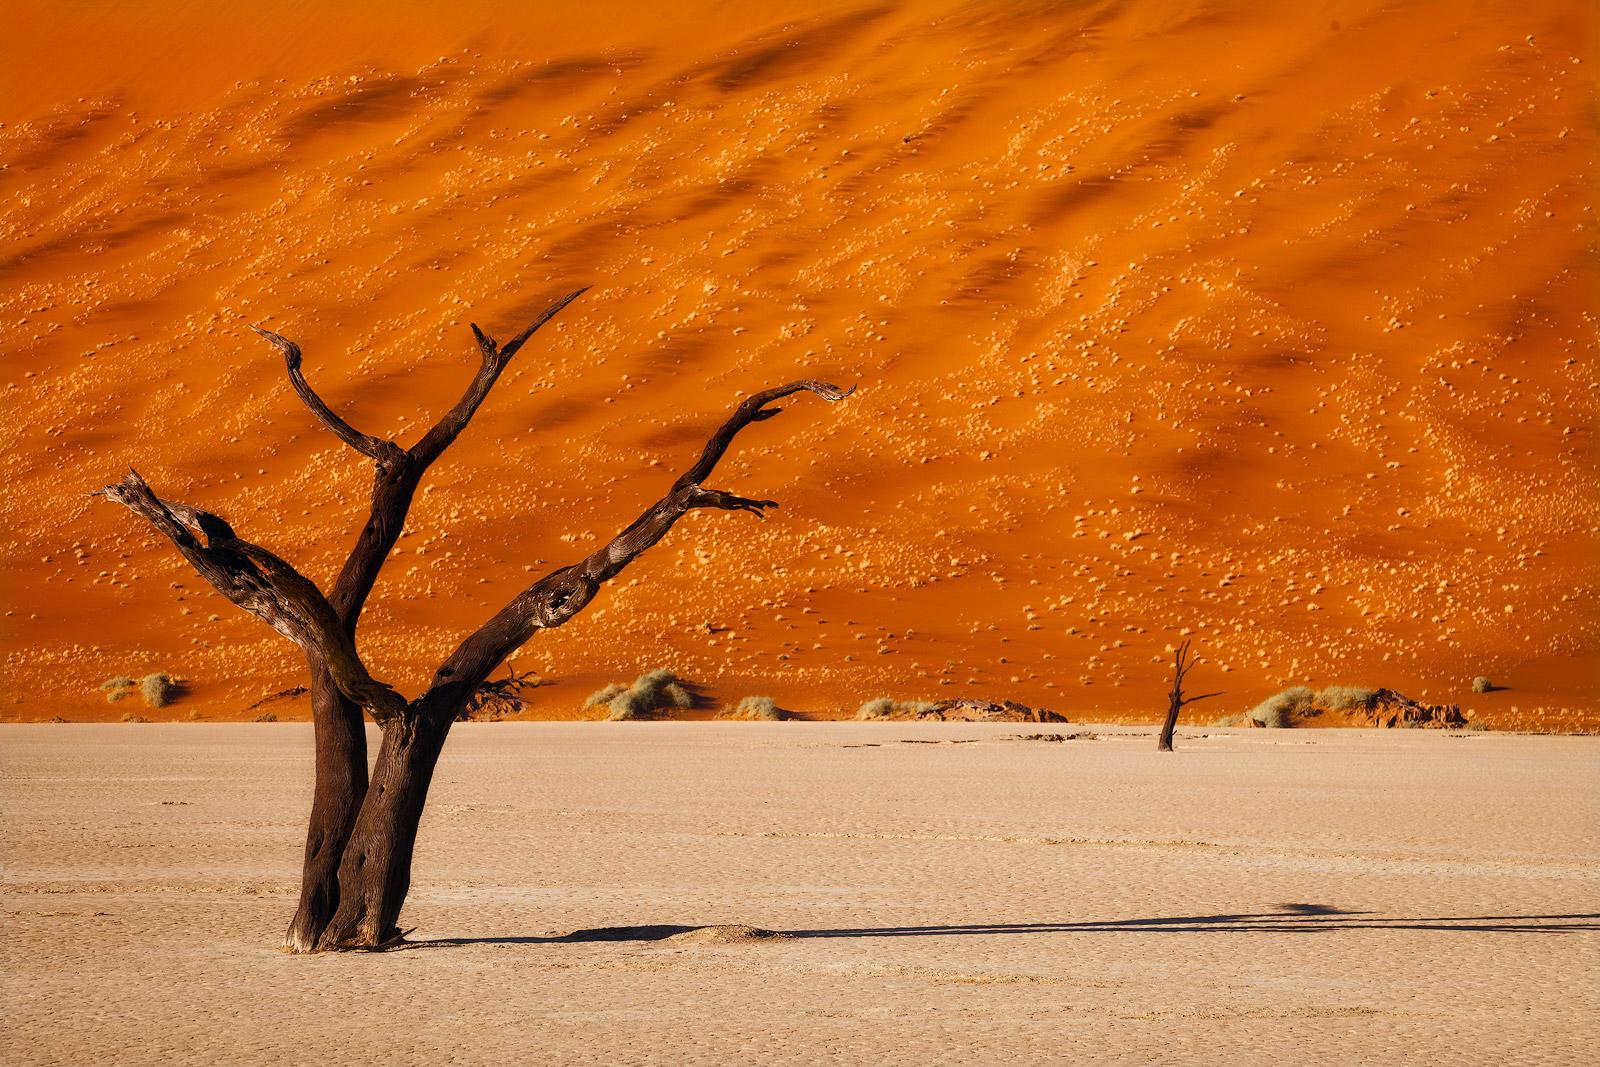 Lone dead tree in front of an orange dune